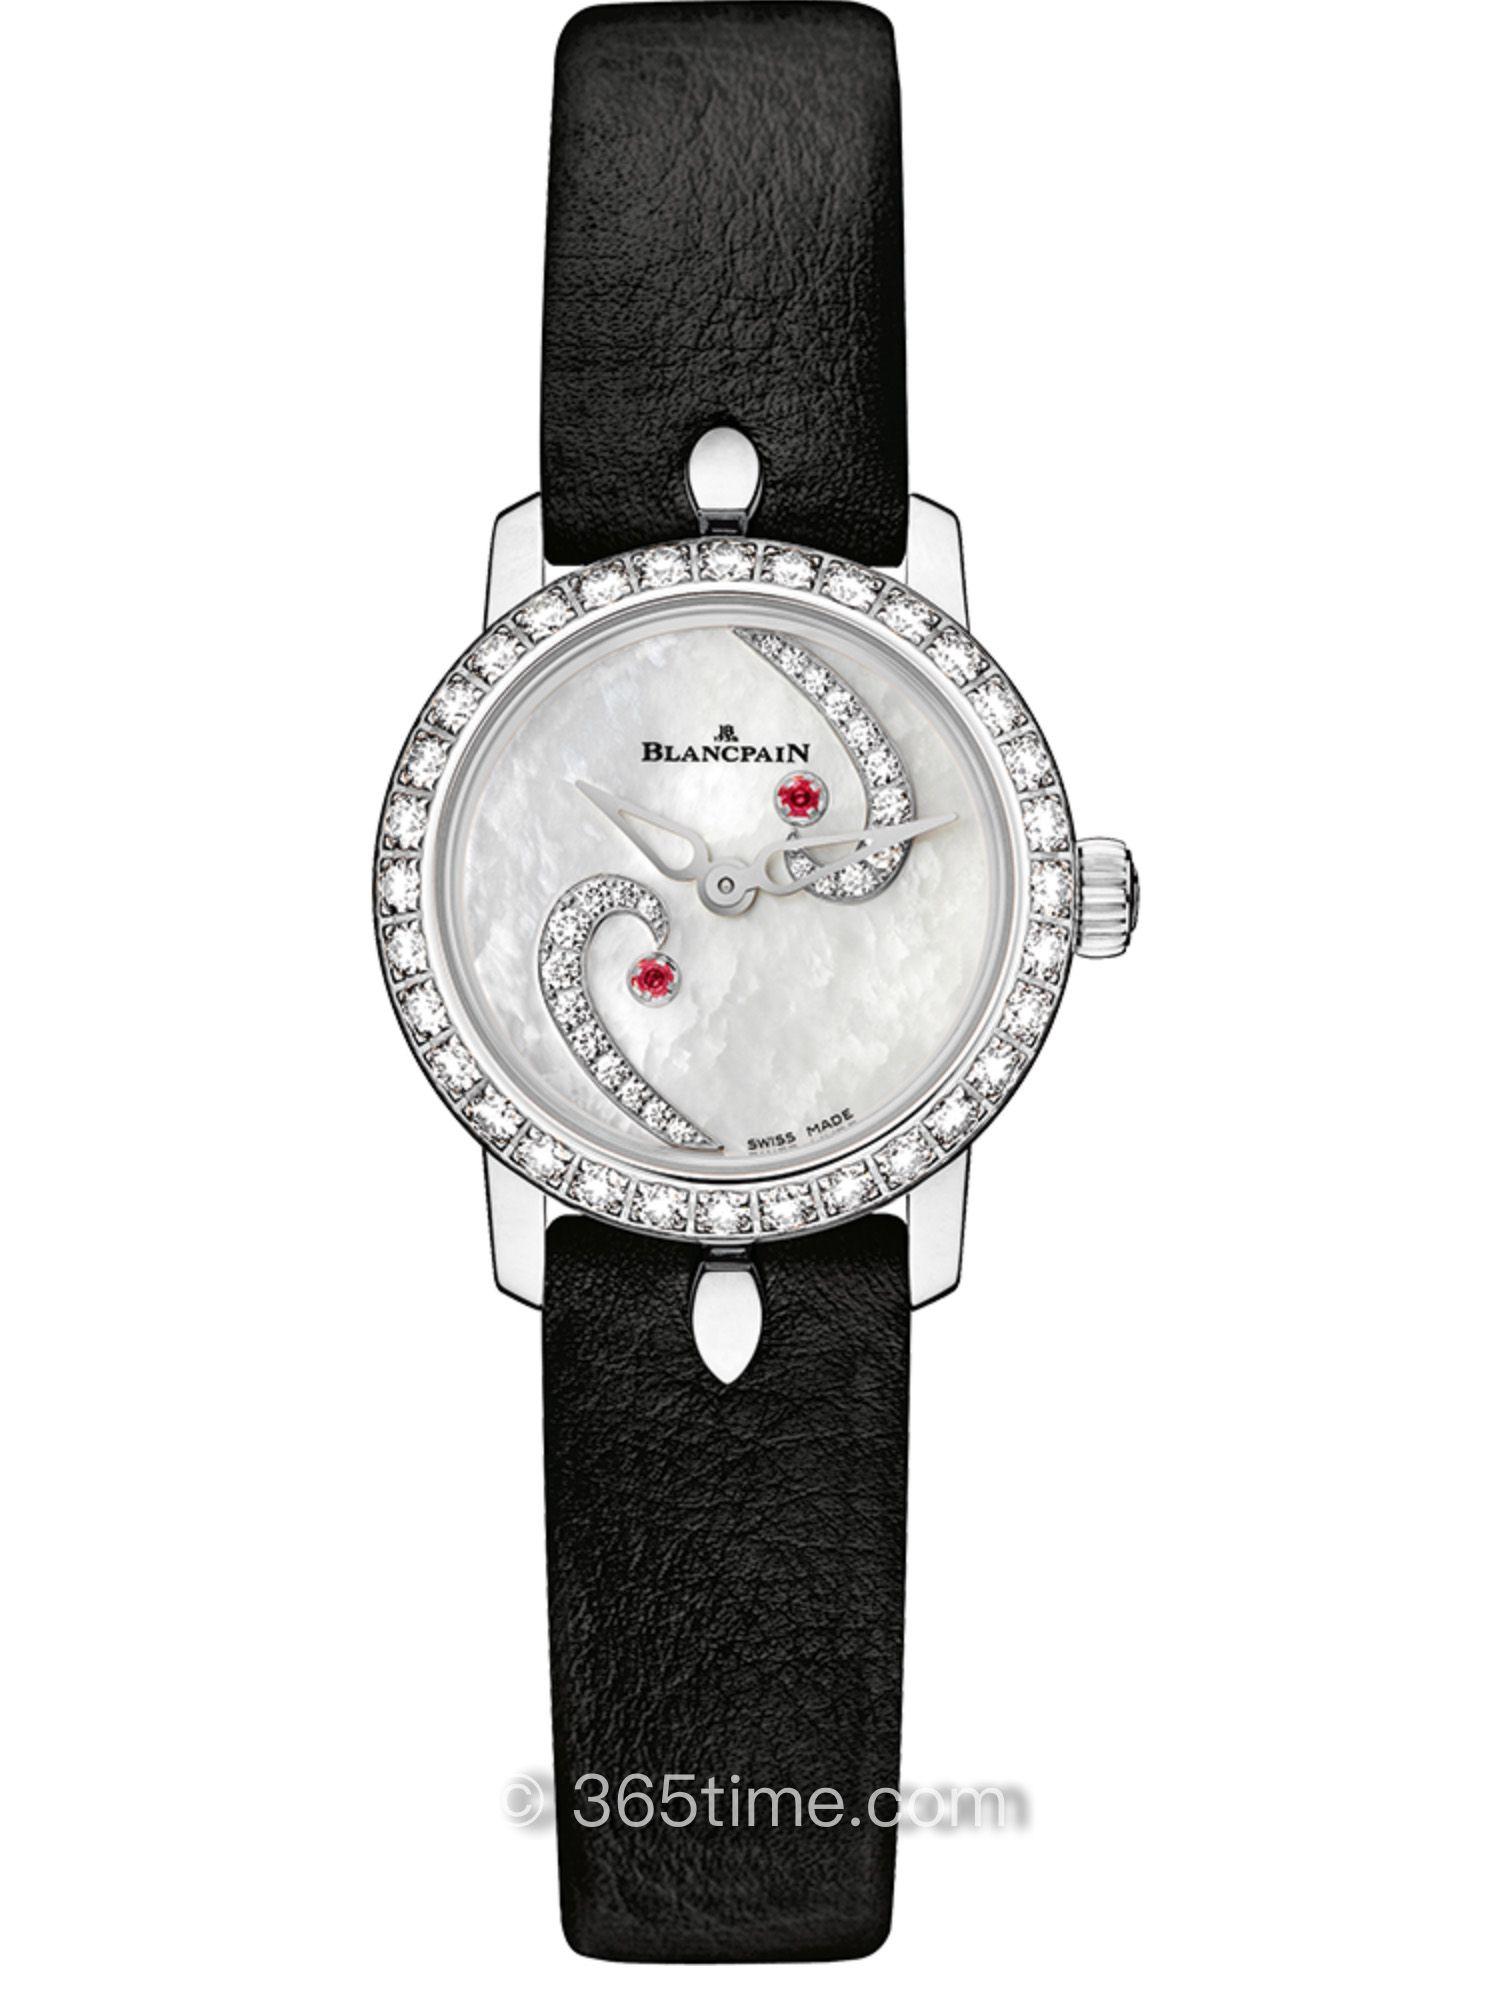 宝珀女士腕表系列女装超薄腕表0063A-1954-63A